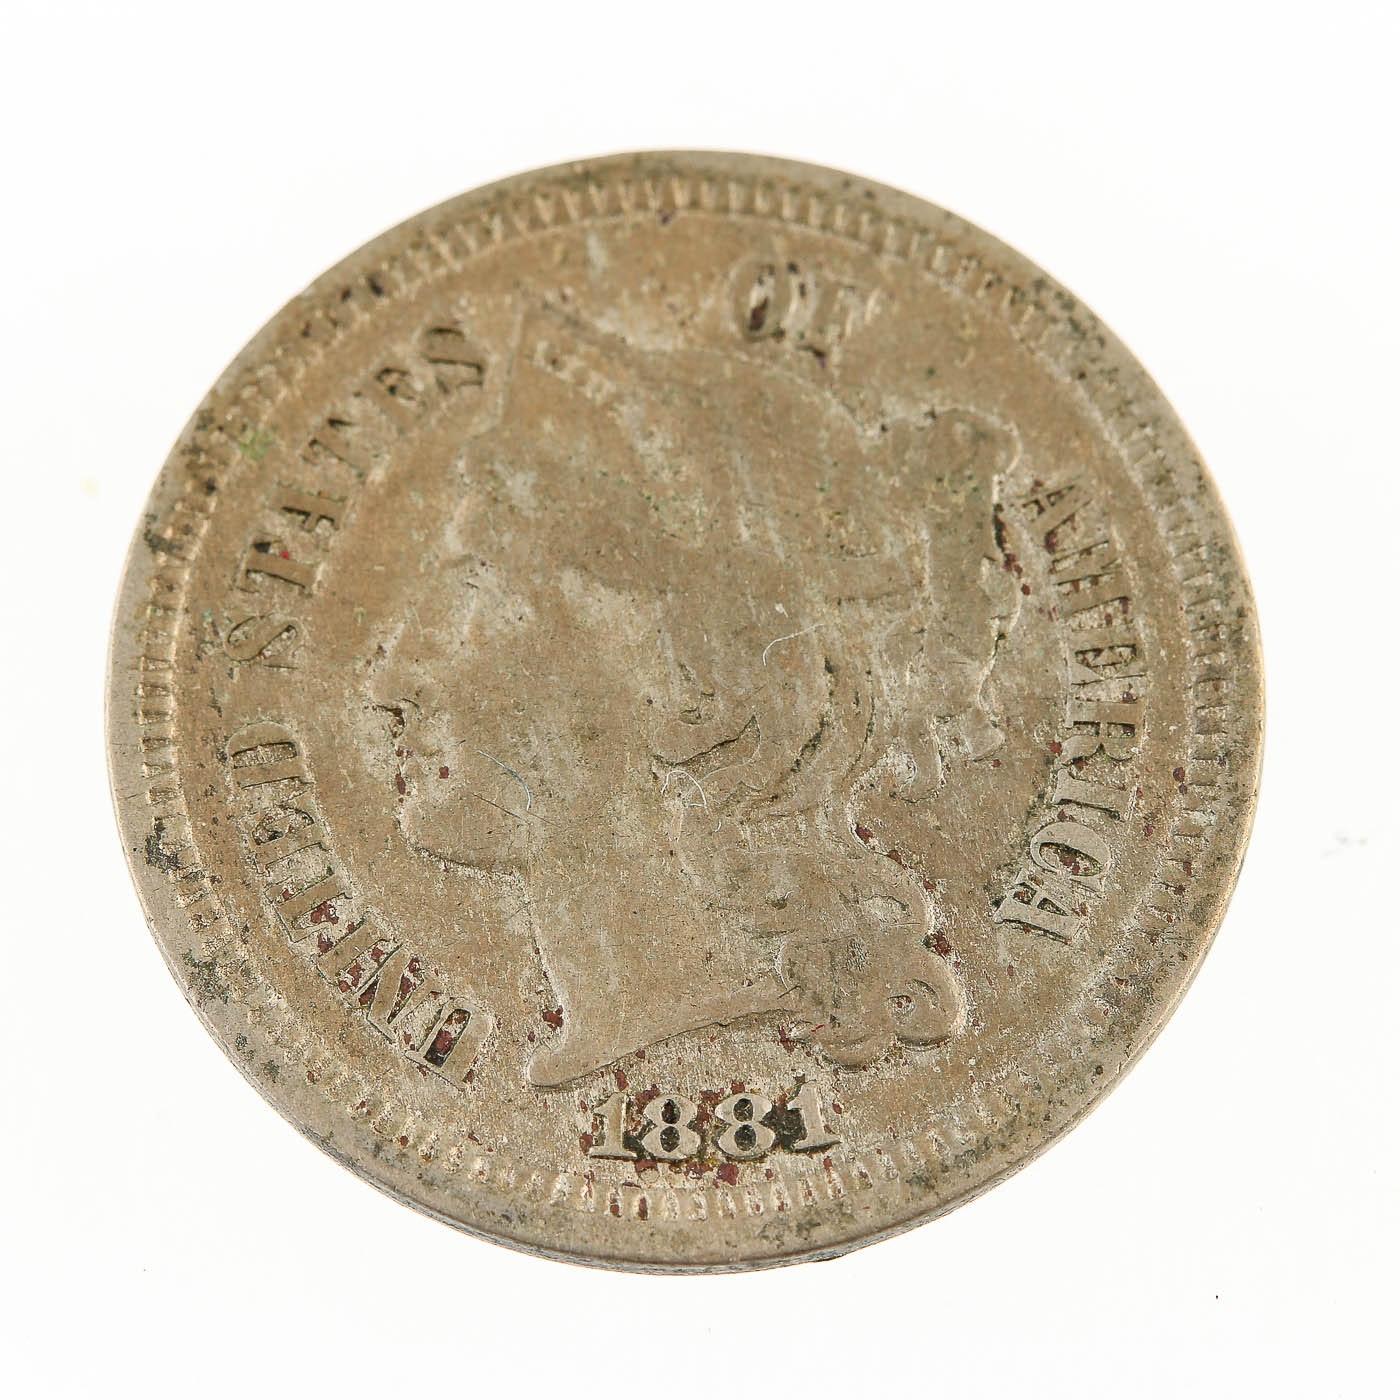 1881 Three Cent Nickel